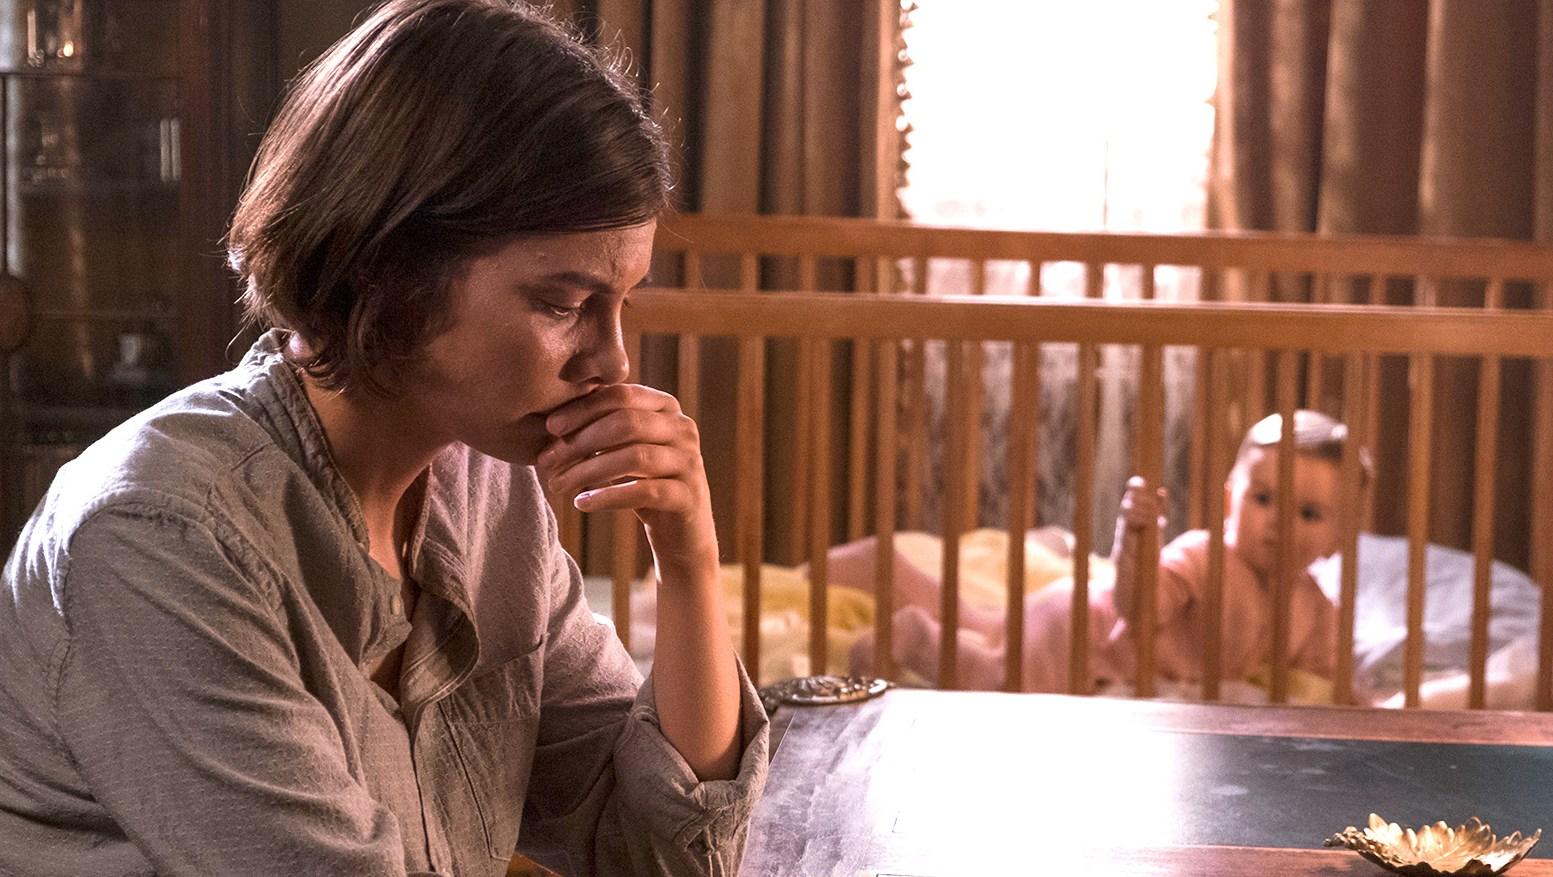 Lauren Cohan as Maggie Greene